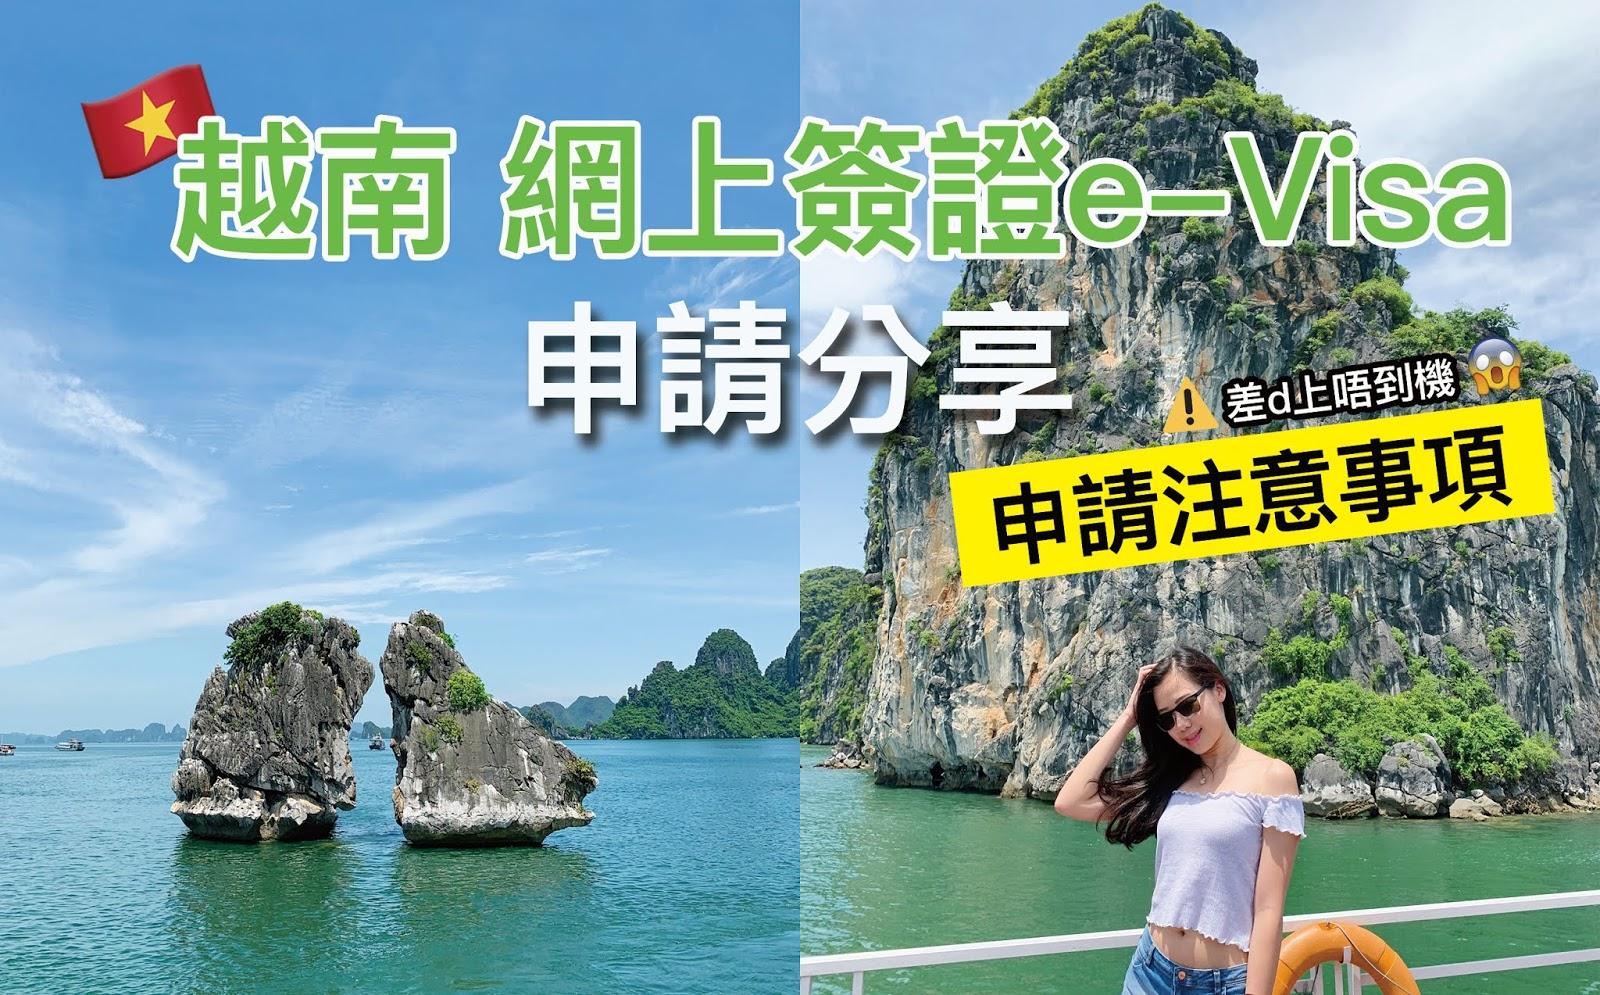 越南 網上簽證e-Visa申請分享 (內附注意事項) - 曳豬到爆炸